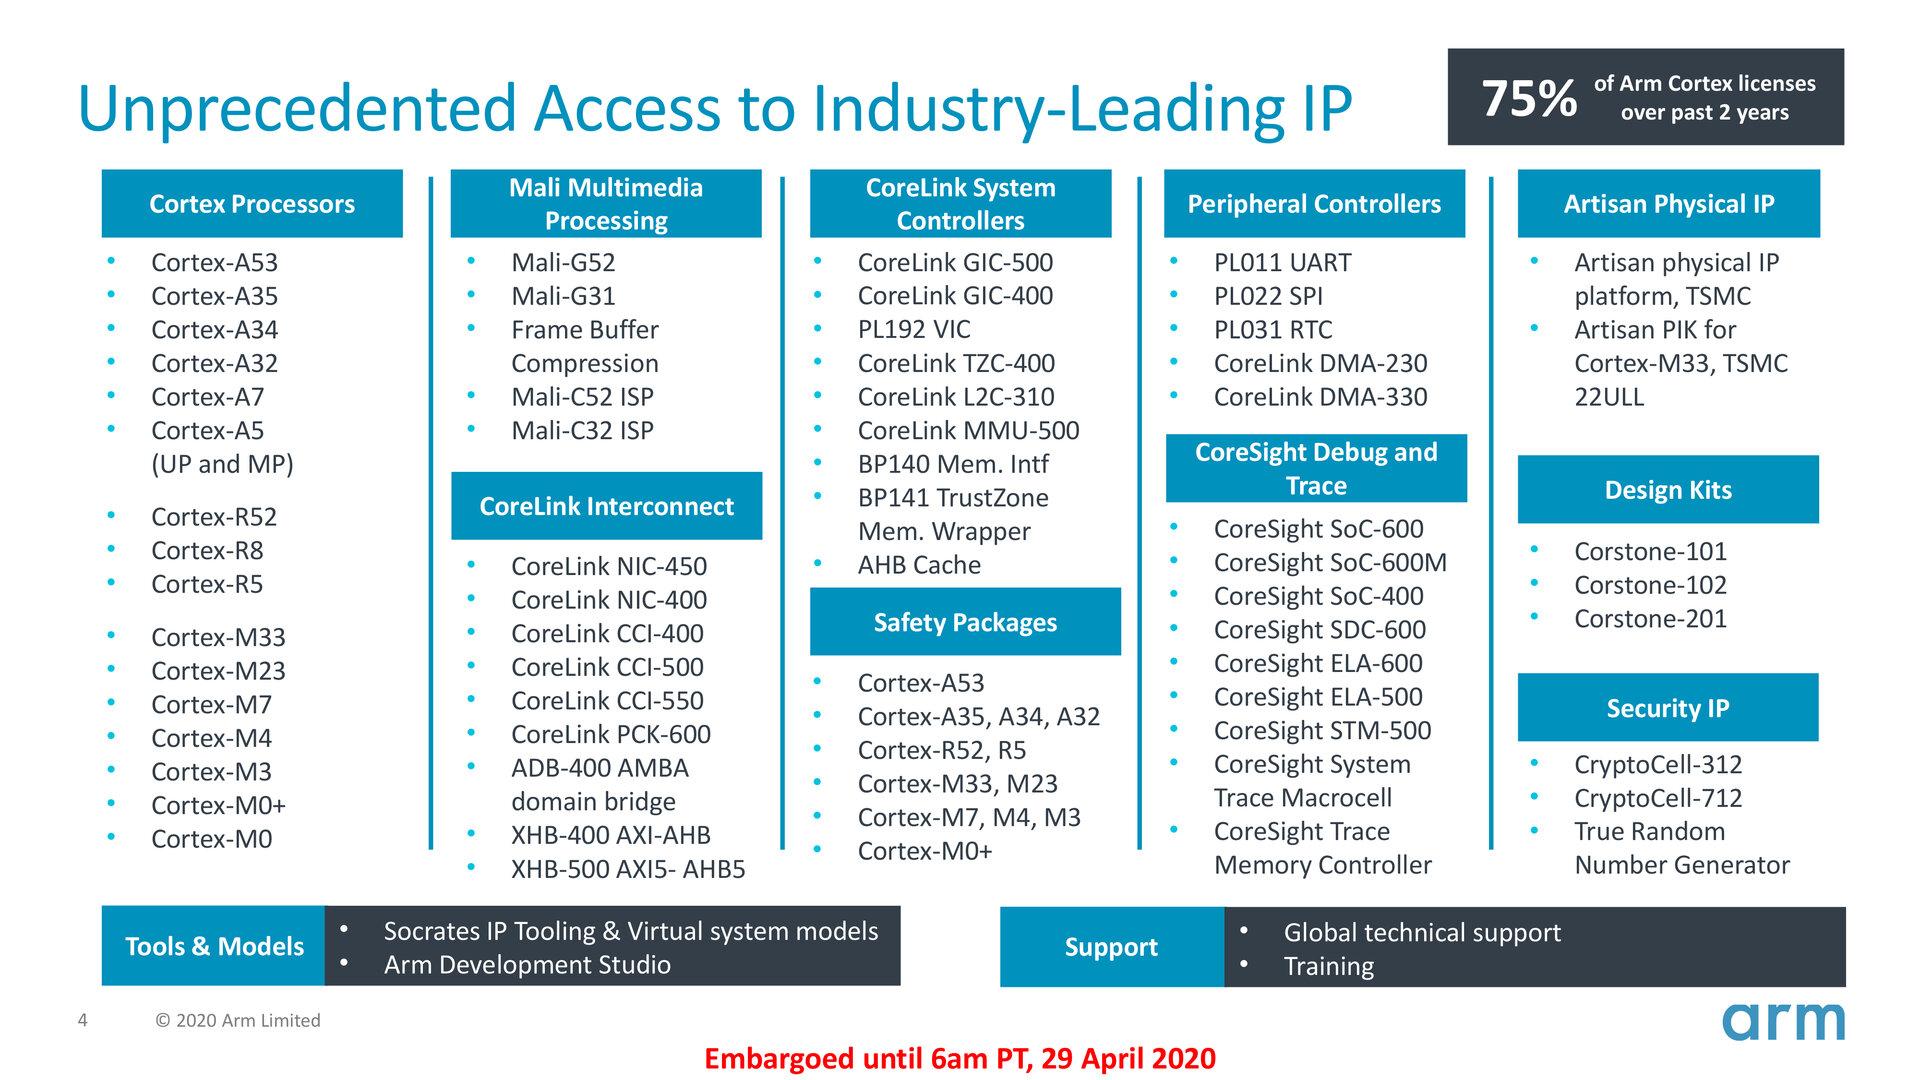 Arm Flexible Access deckt folgende IP ab